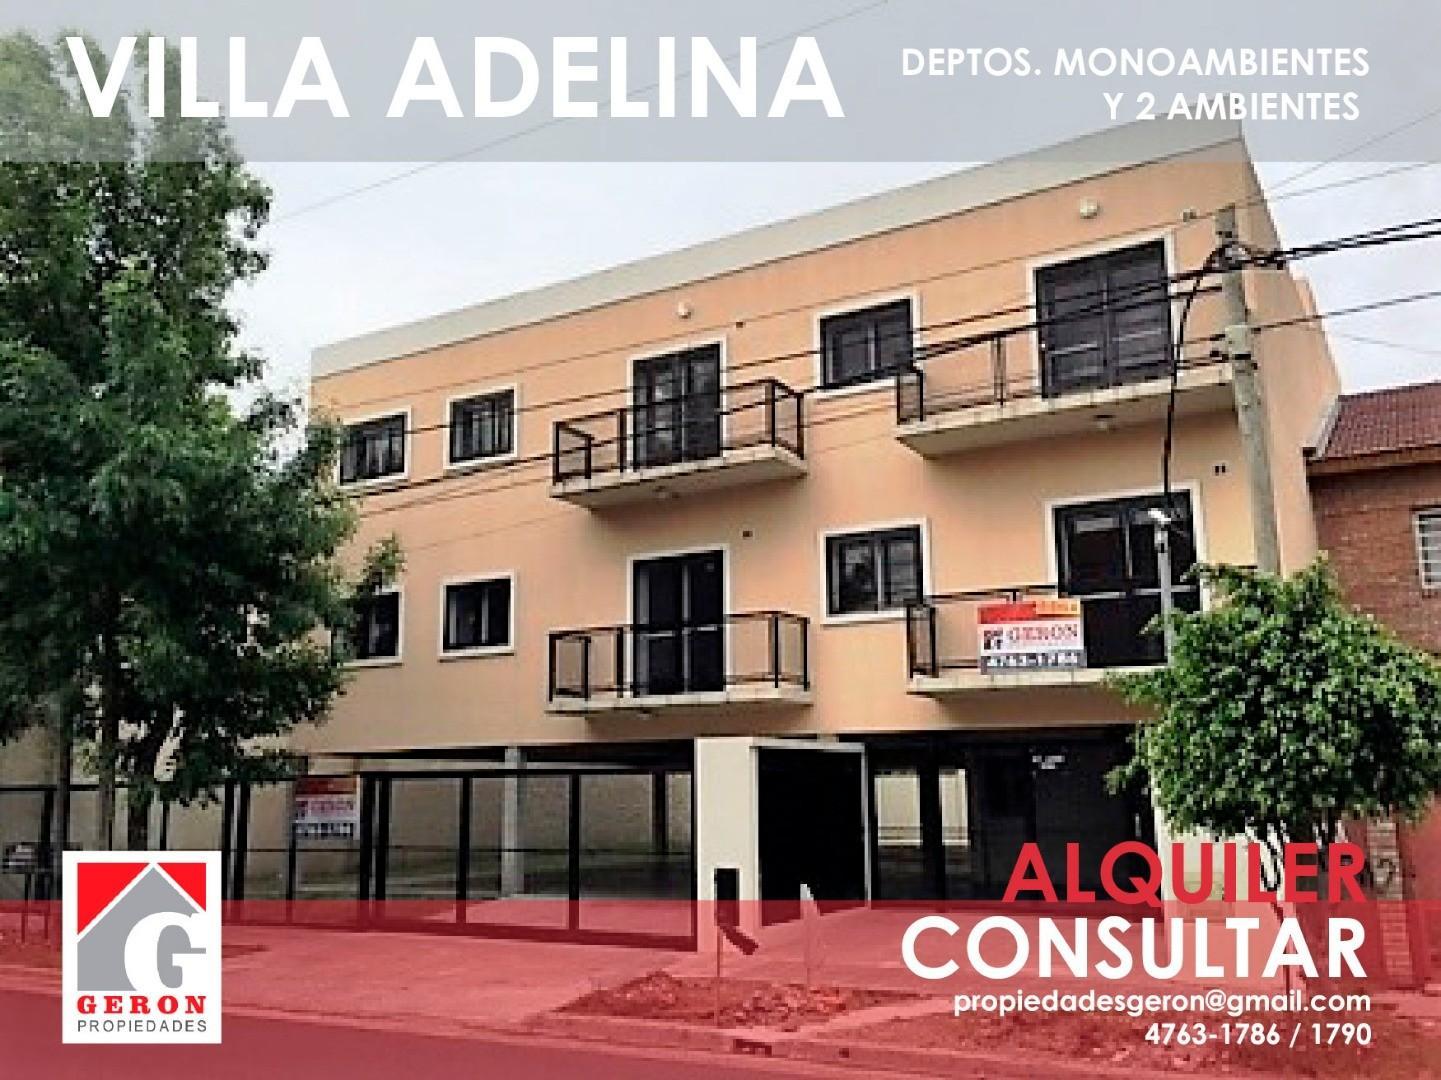 Departamento en Alquiler en Villa Adelina